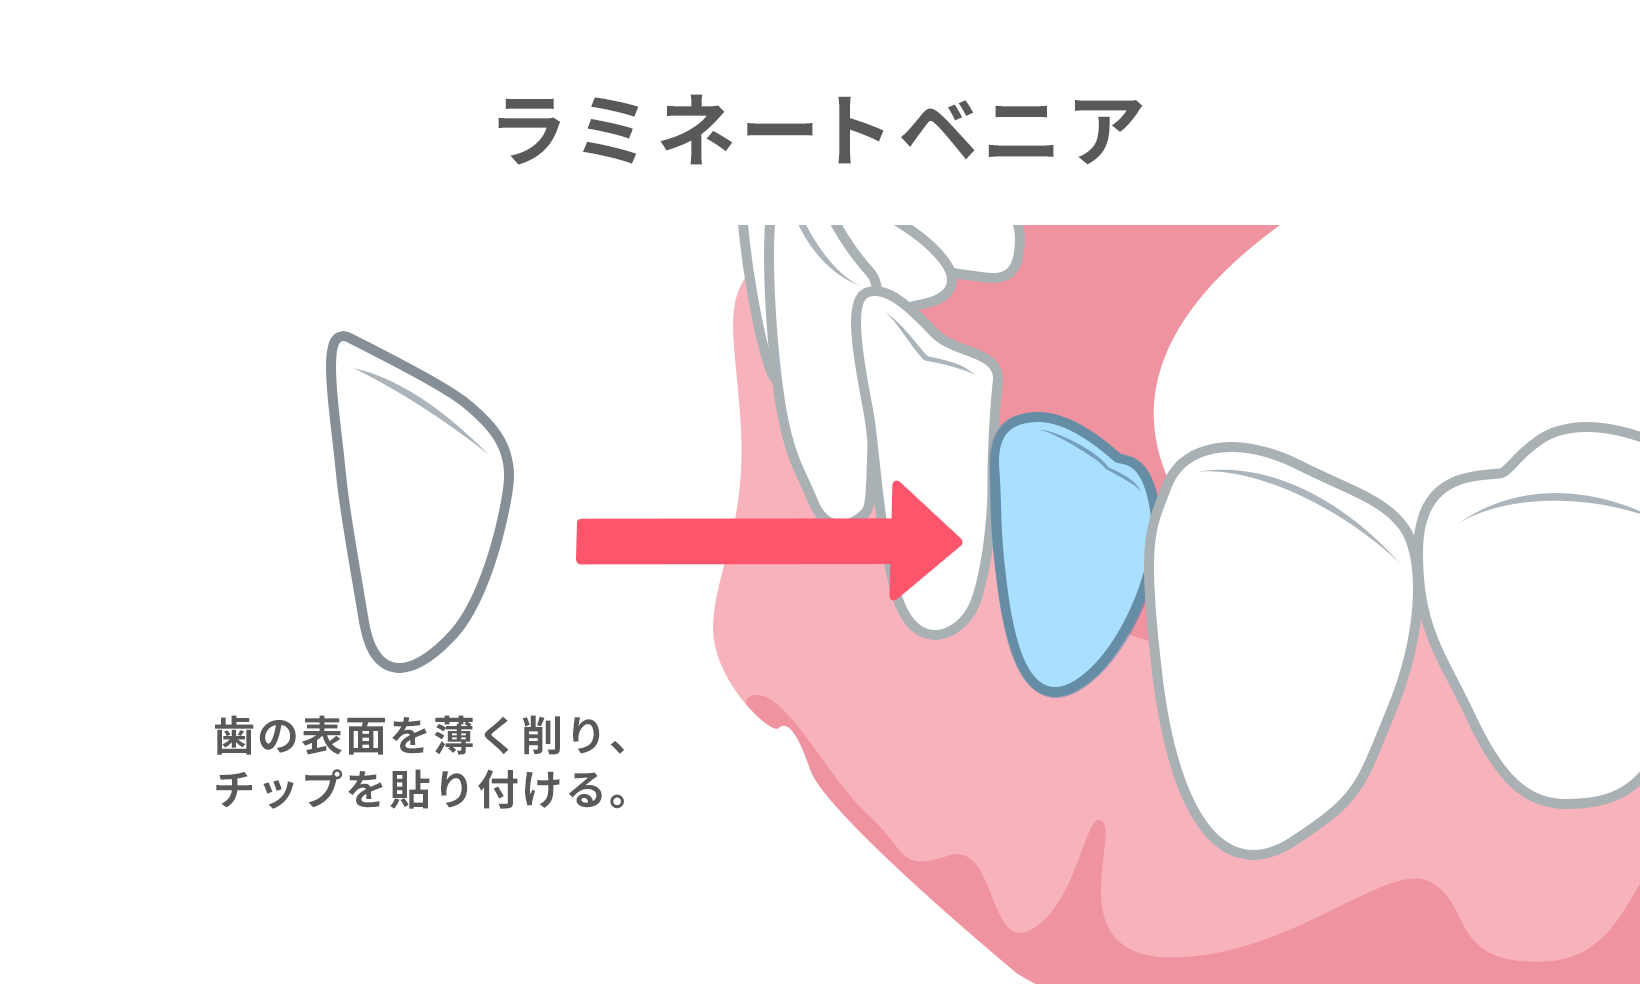 ラミネートベニアでは、歯の表面を薄く削り、薄いセラミックのチップを貼り付ける